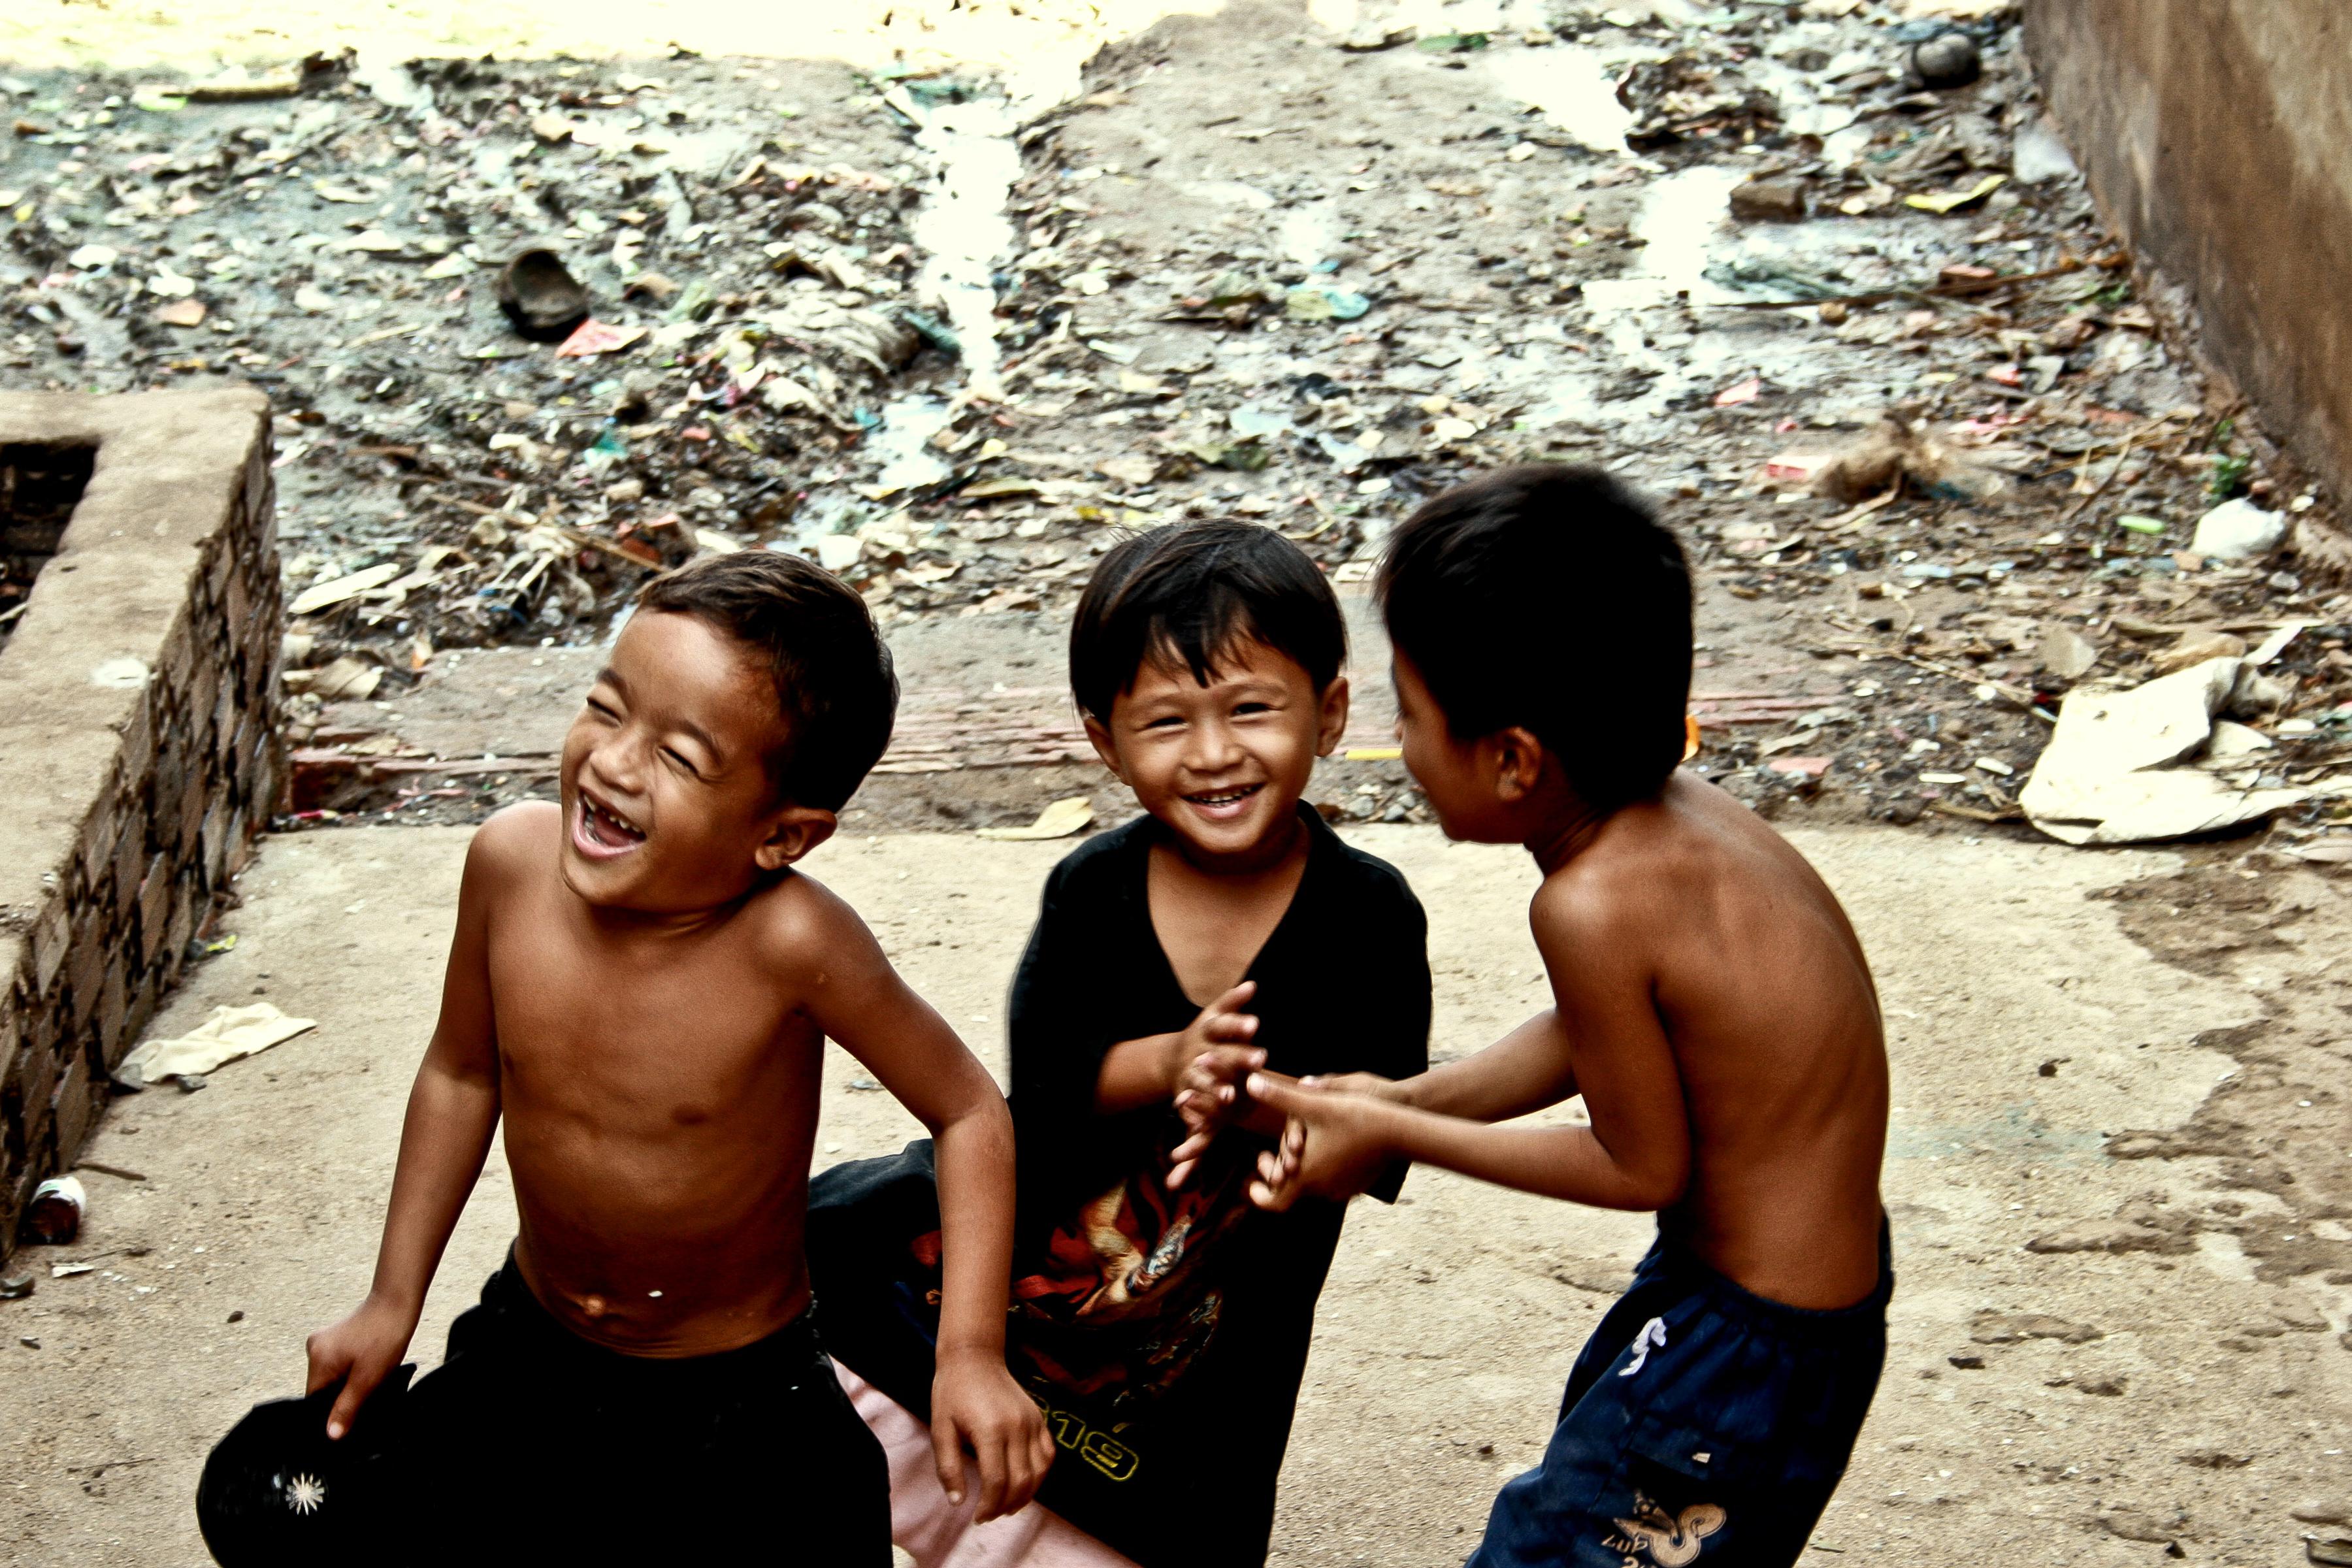 All smiles, Cambodia